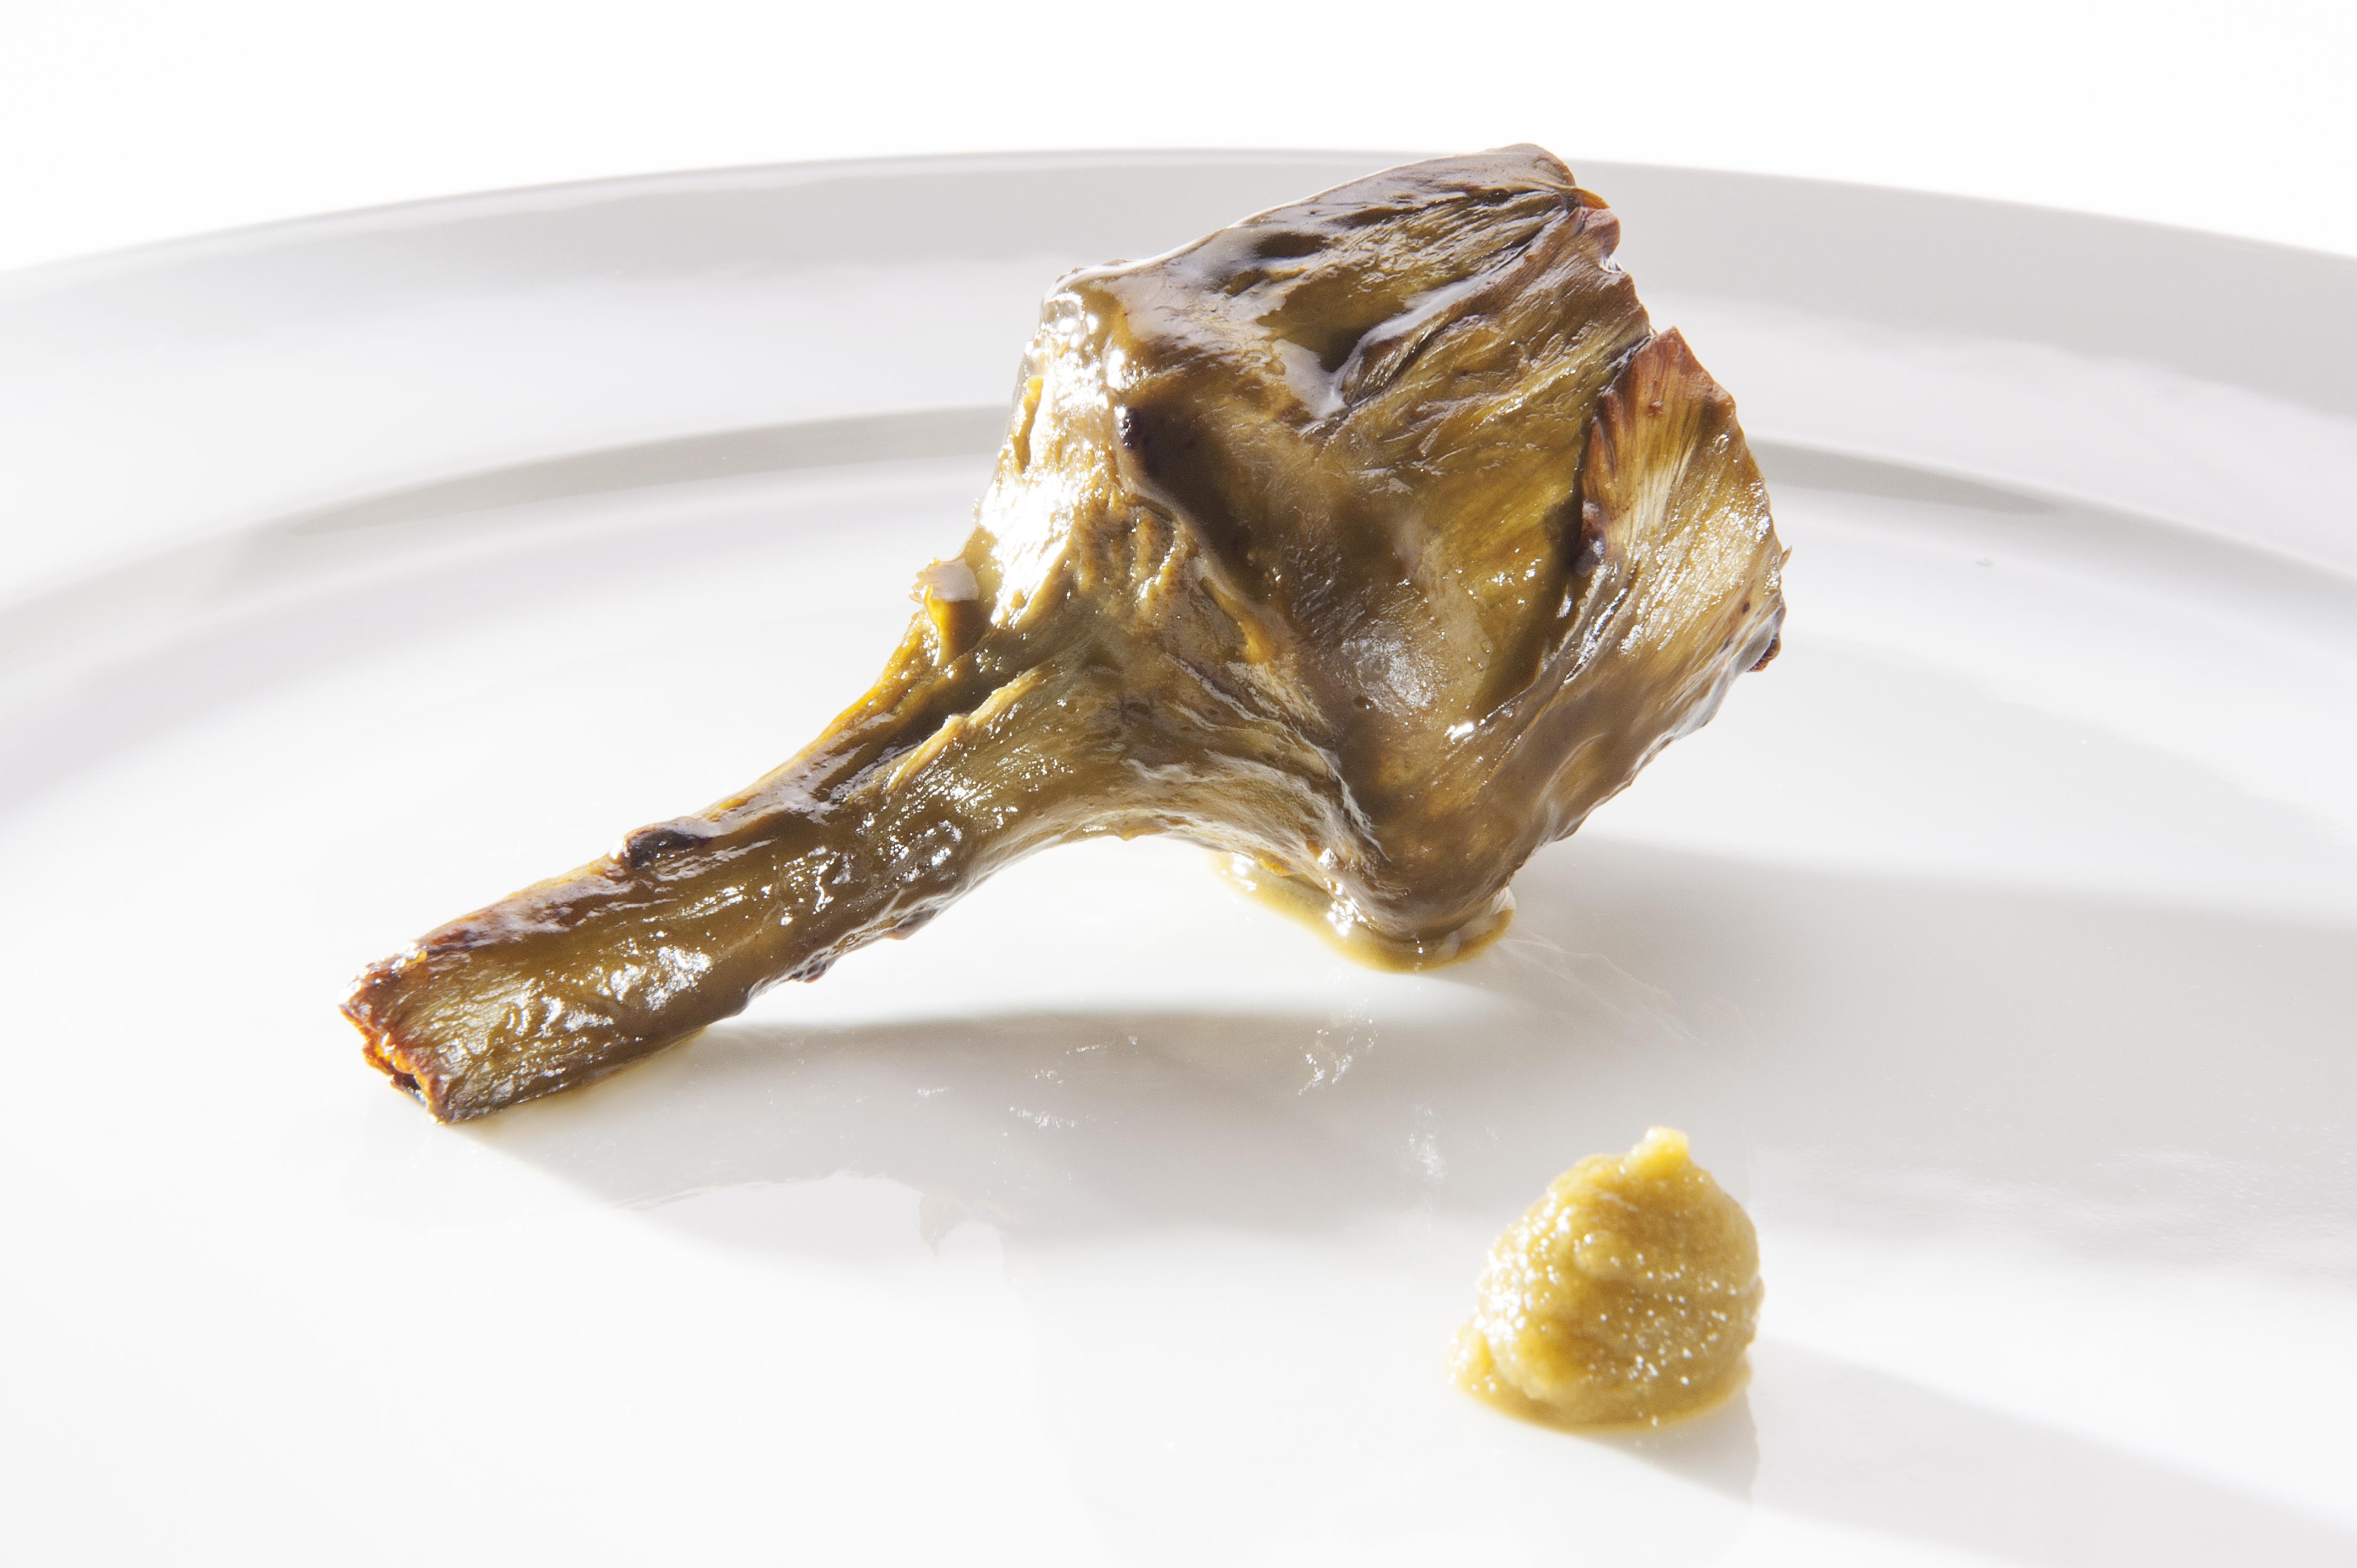 Niko romito epicurean traveler for Piatti tipici cucina romana